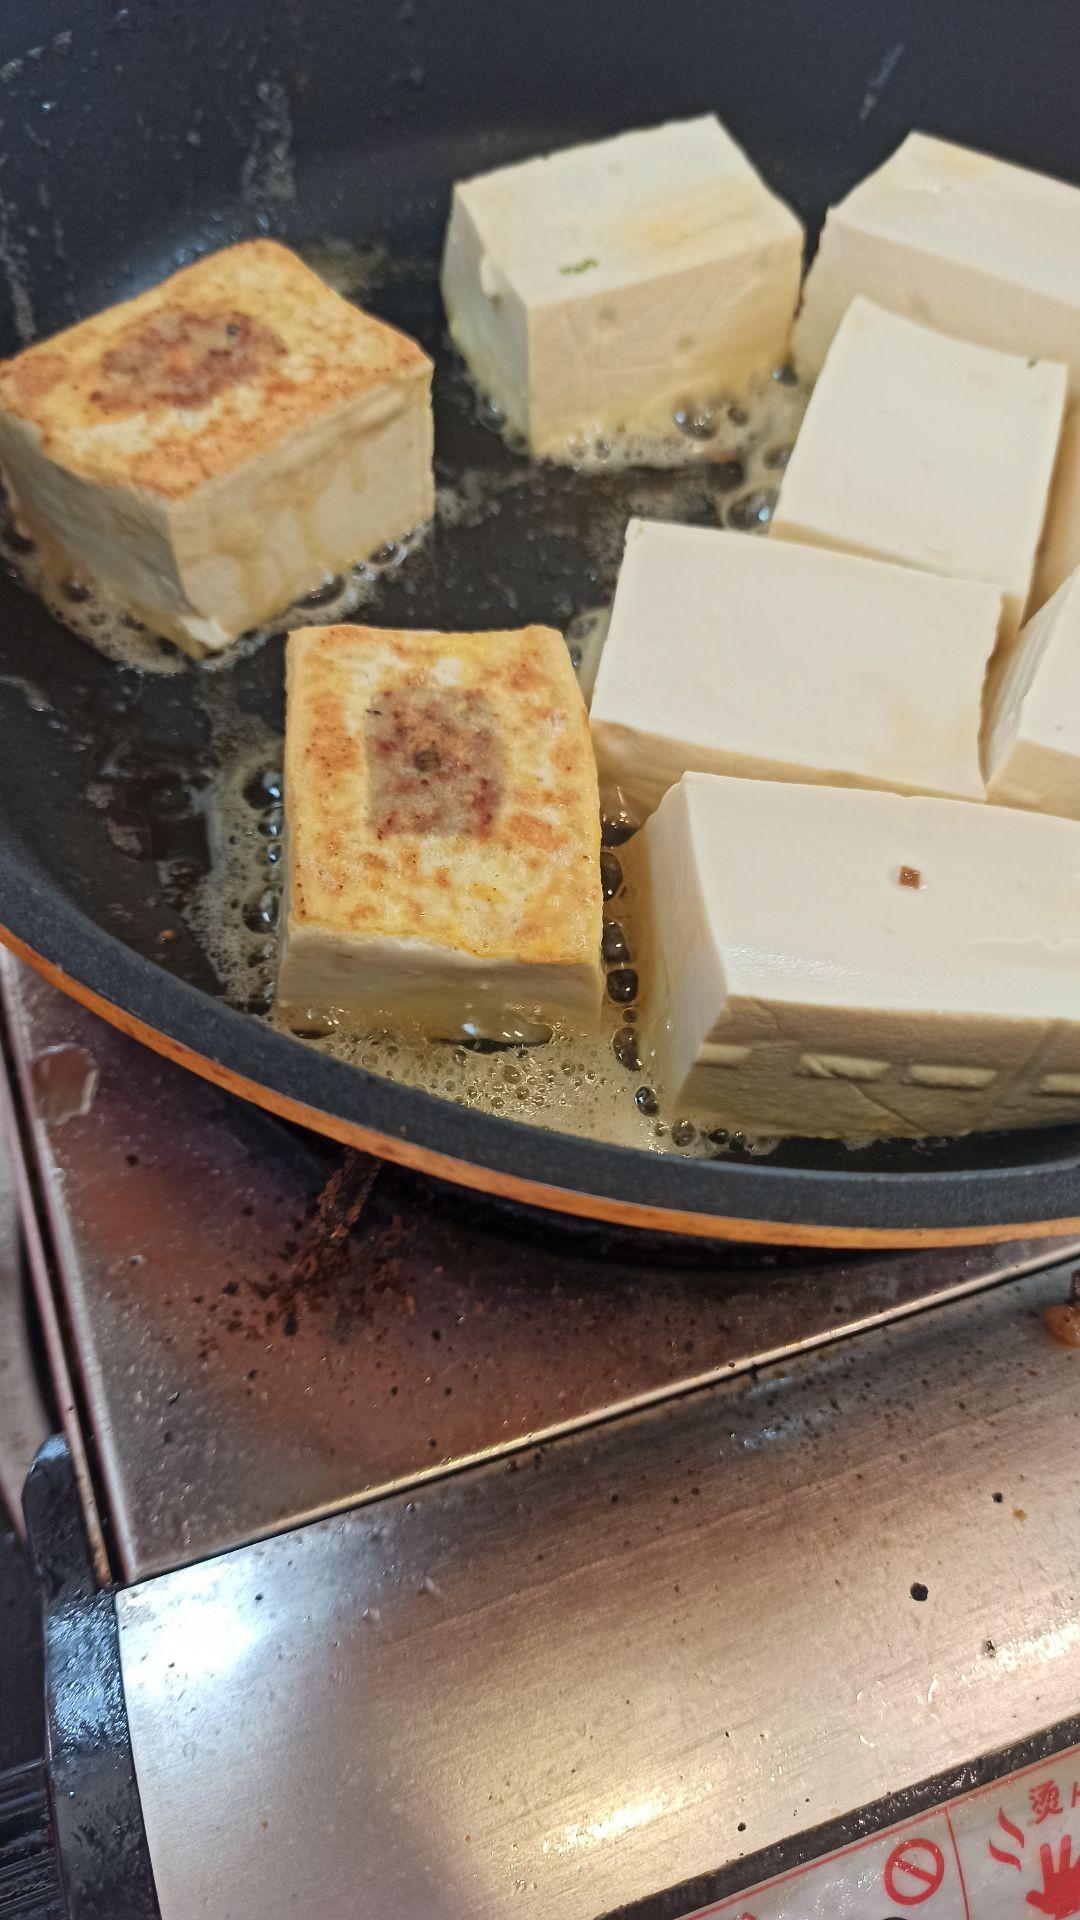 客家酿豆腐怎么煸